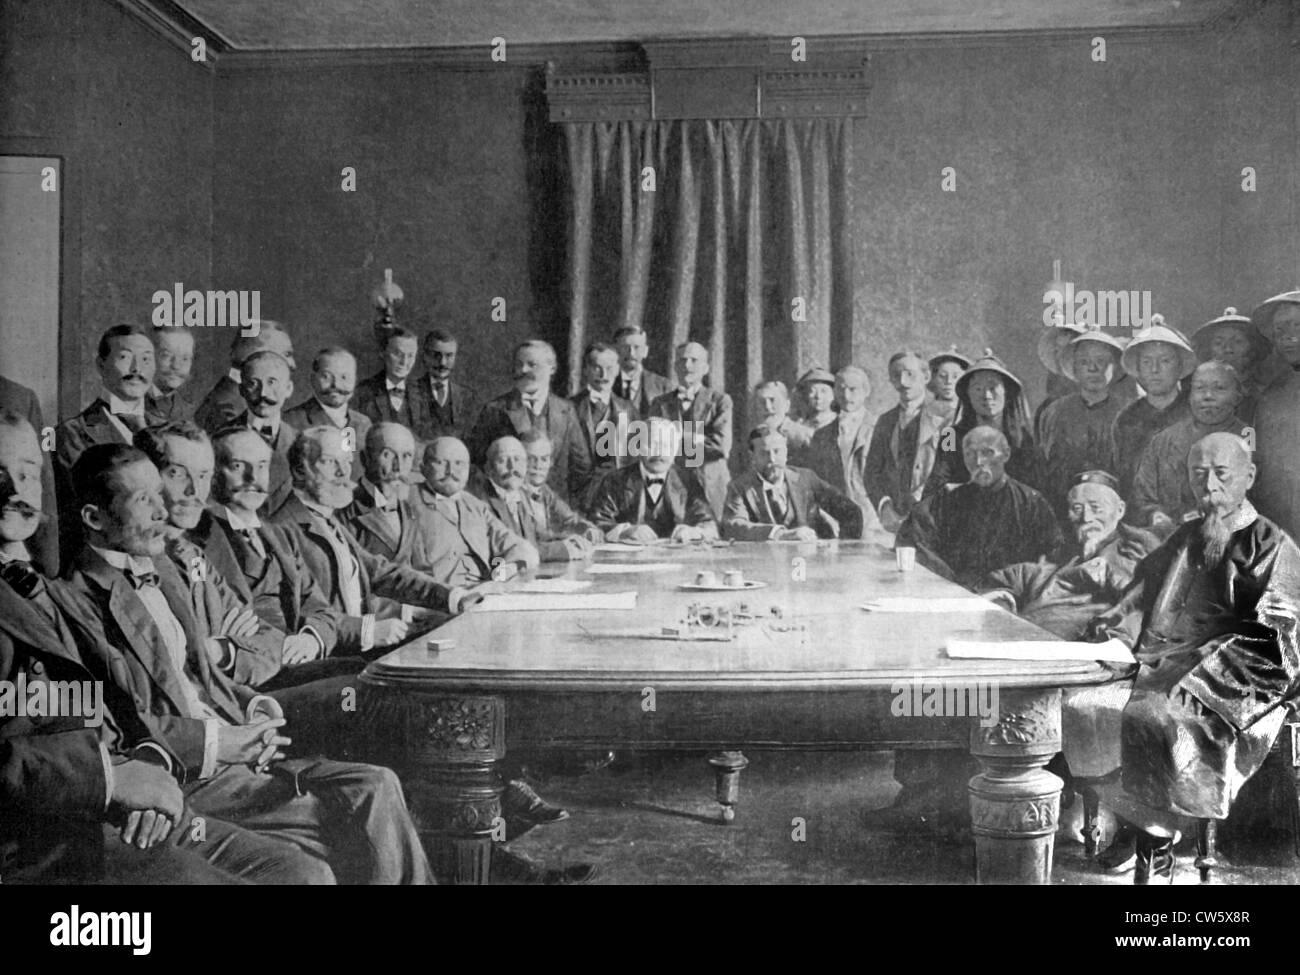 China. Boxer Rebellion (September 7, 1901) - Stock Image